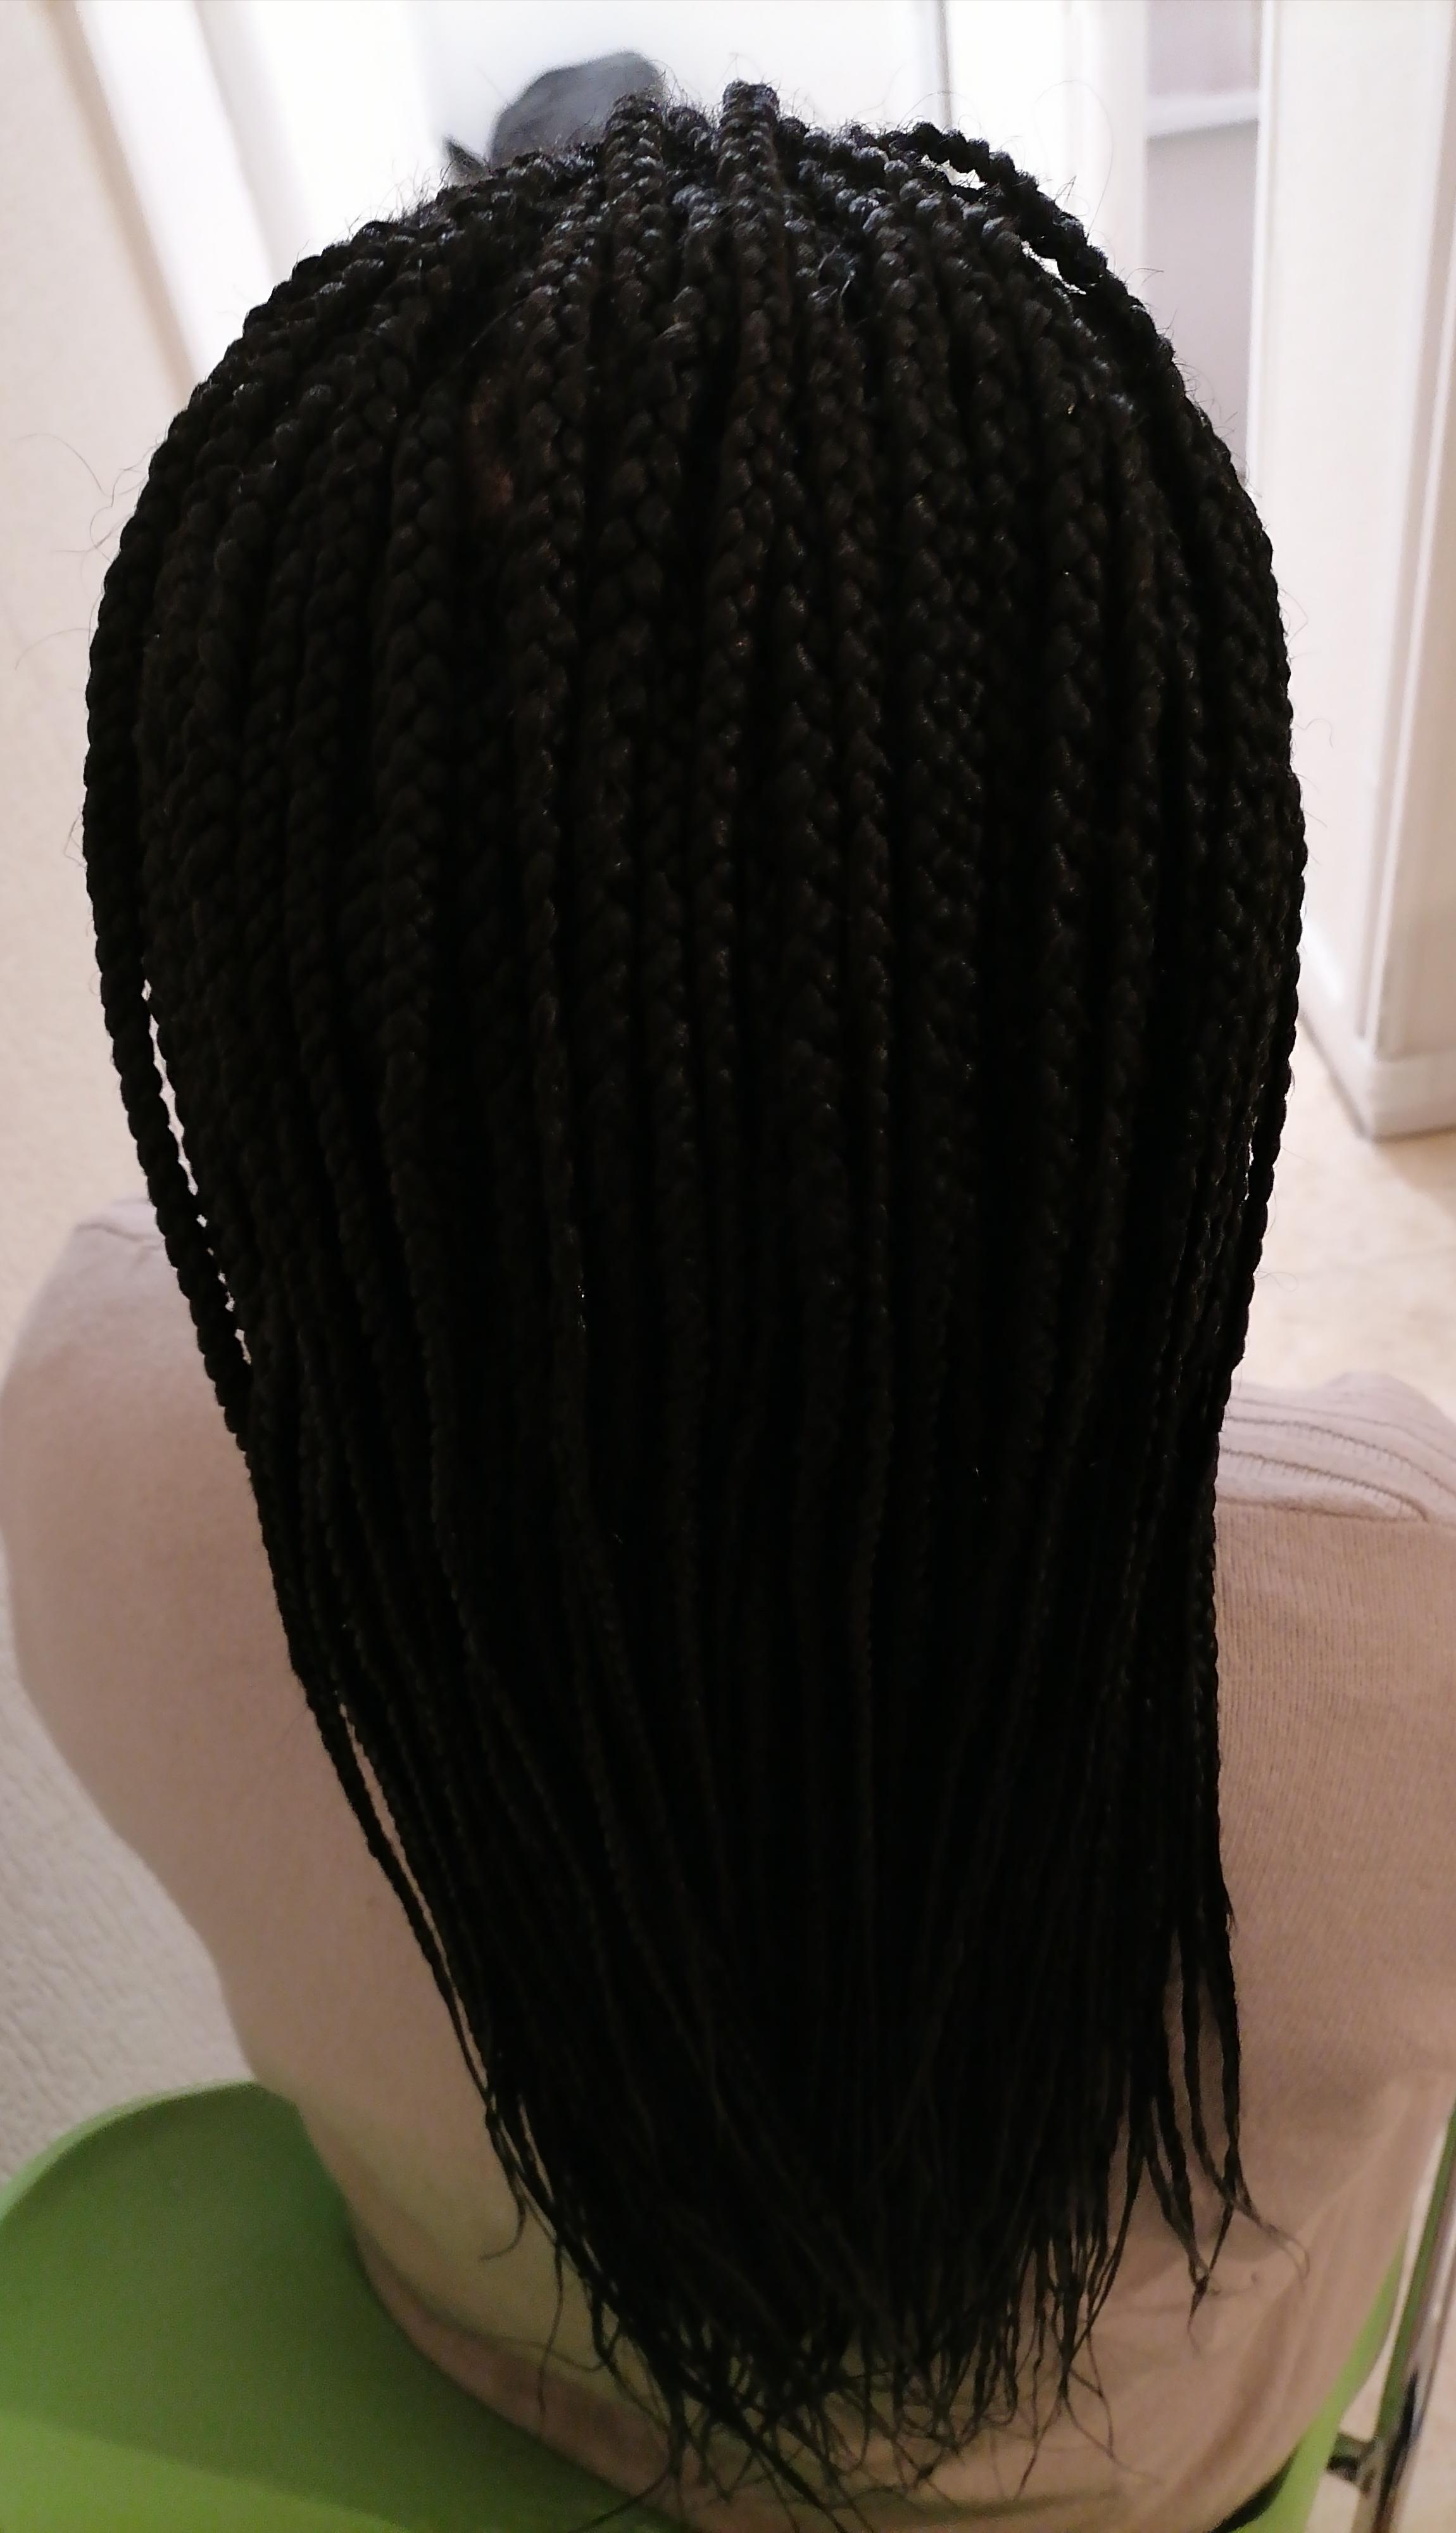 salon de coiffure afro tresse tresses box braids crochet braids vanilles tissages paris 75 77 78 91 92 93 94 95 HPPRUHFT